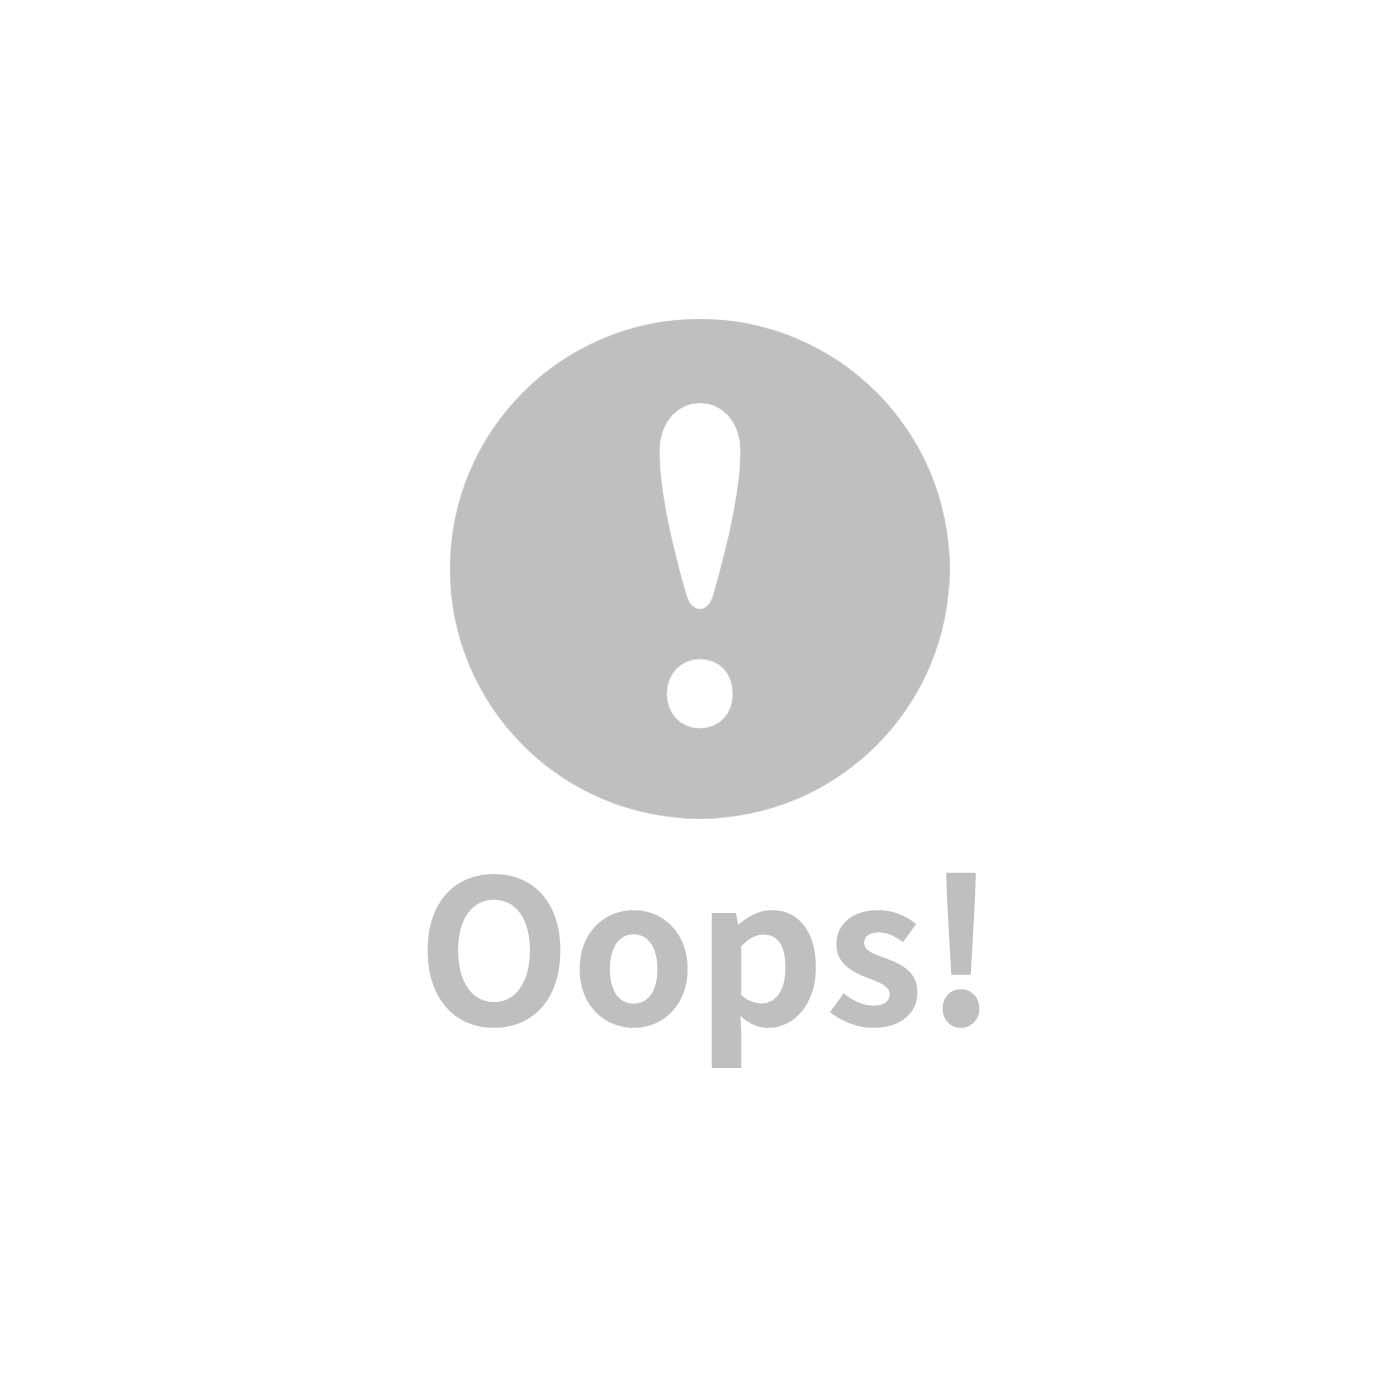 【韓國 lolbaby】Hi Jell-O涼感蒟蒻床墊加大_防水隔尿款 (水湖塗鴉)